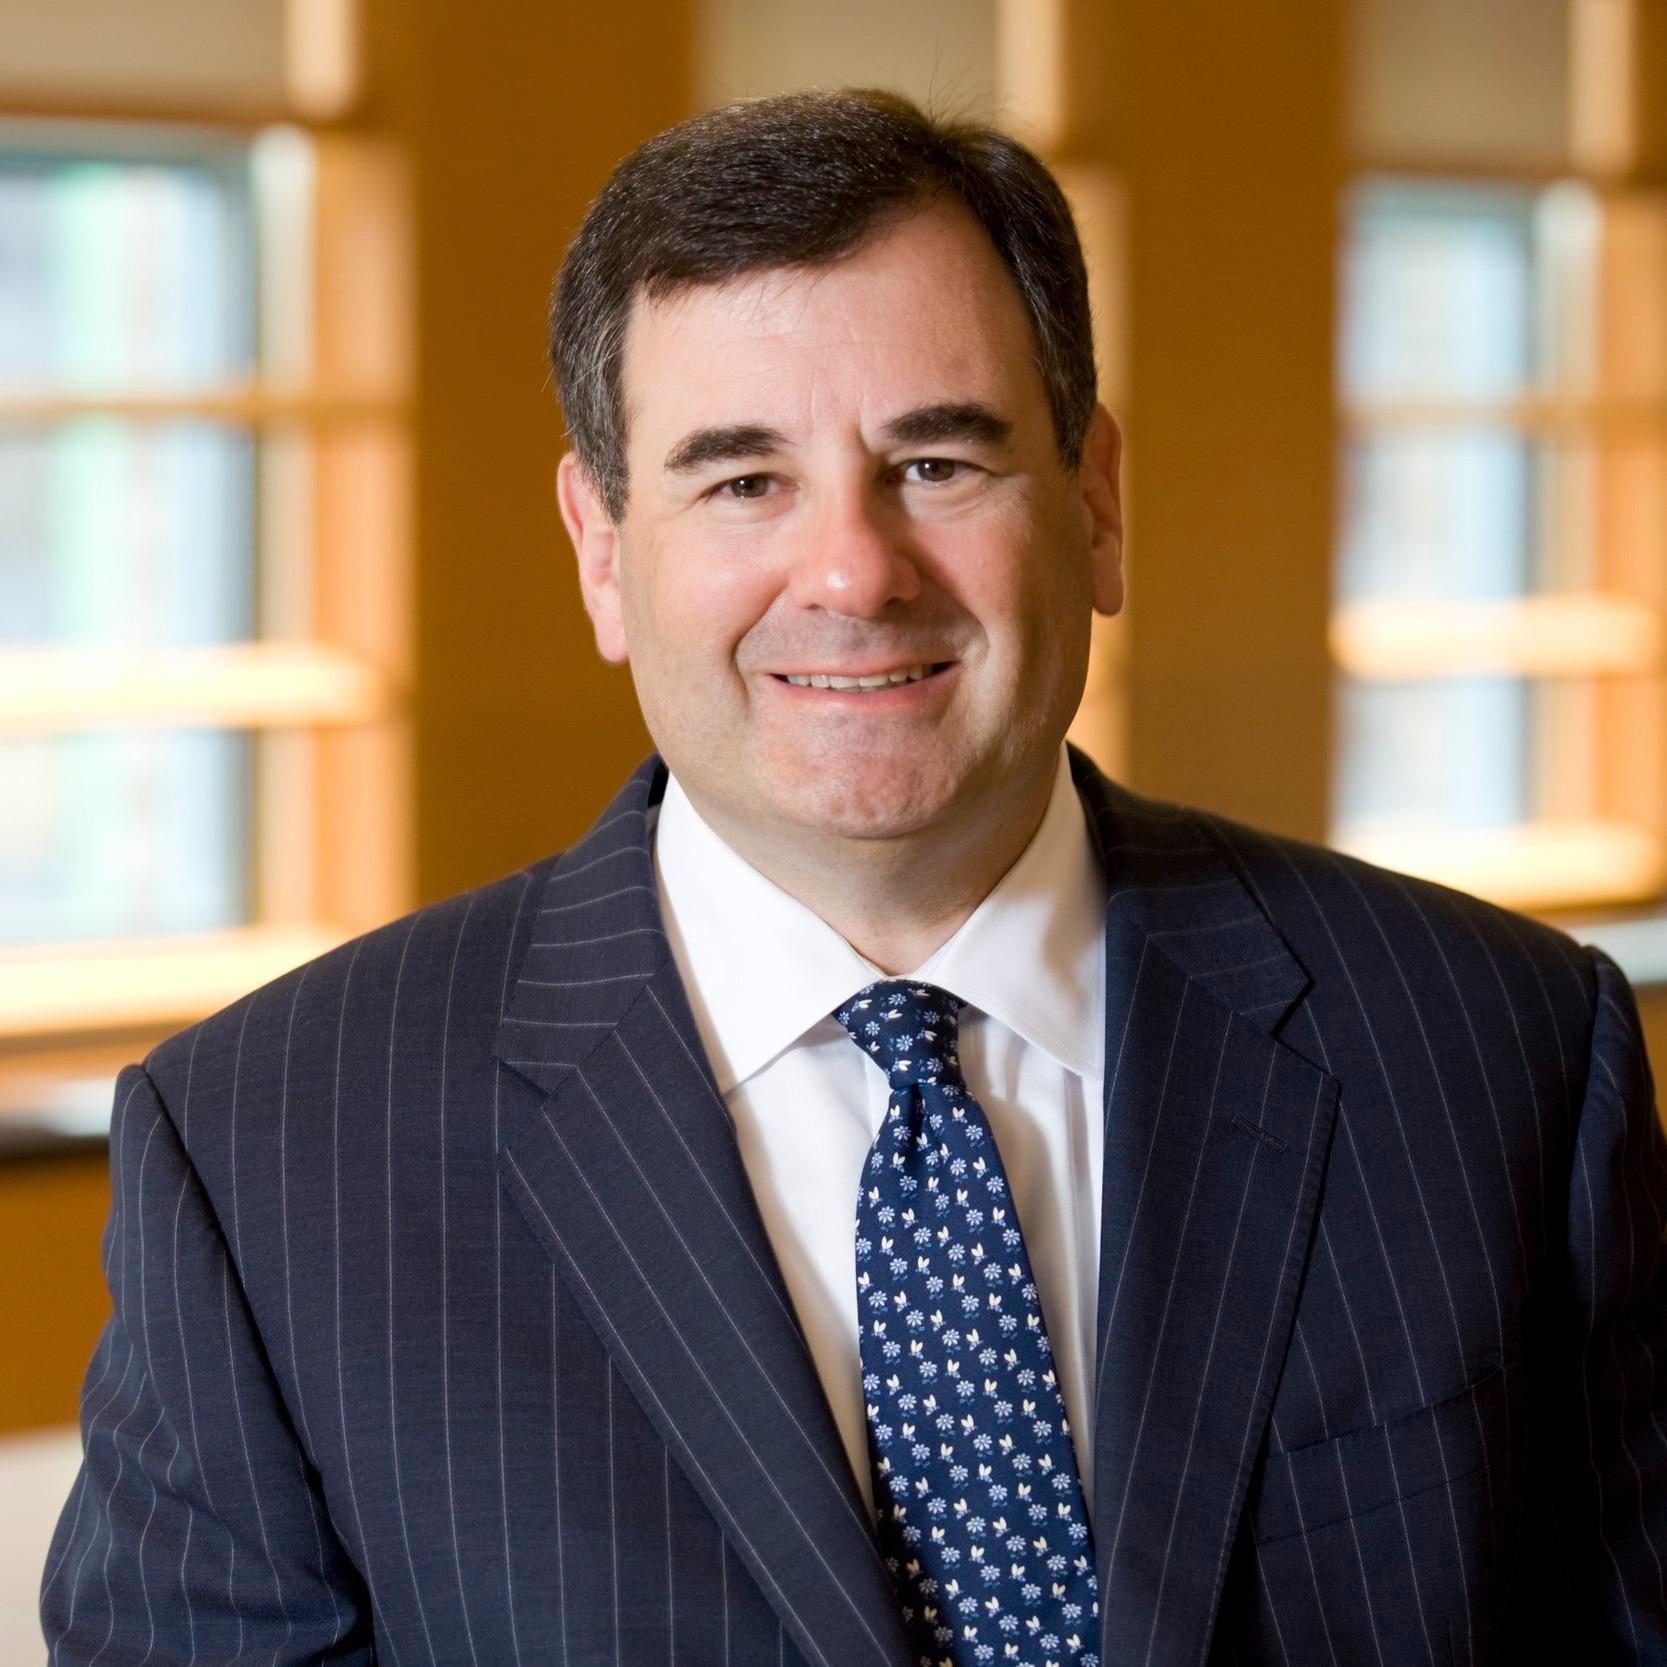 Stephen B. Selbst  Partner, Herrick Feinstein